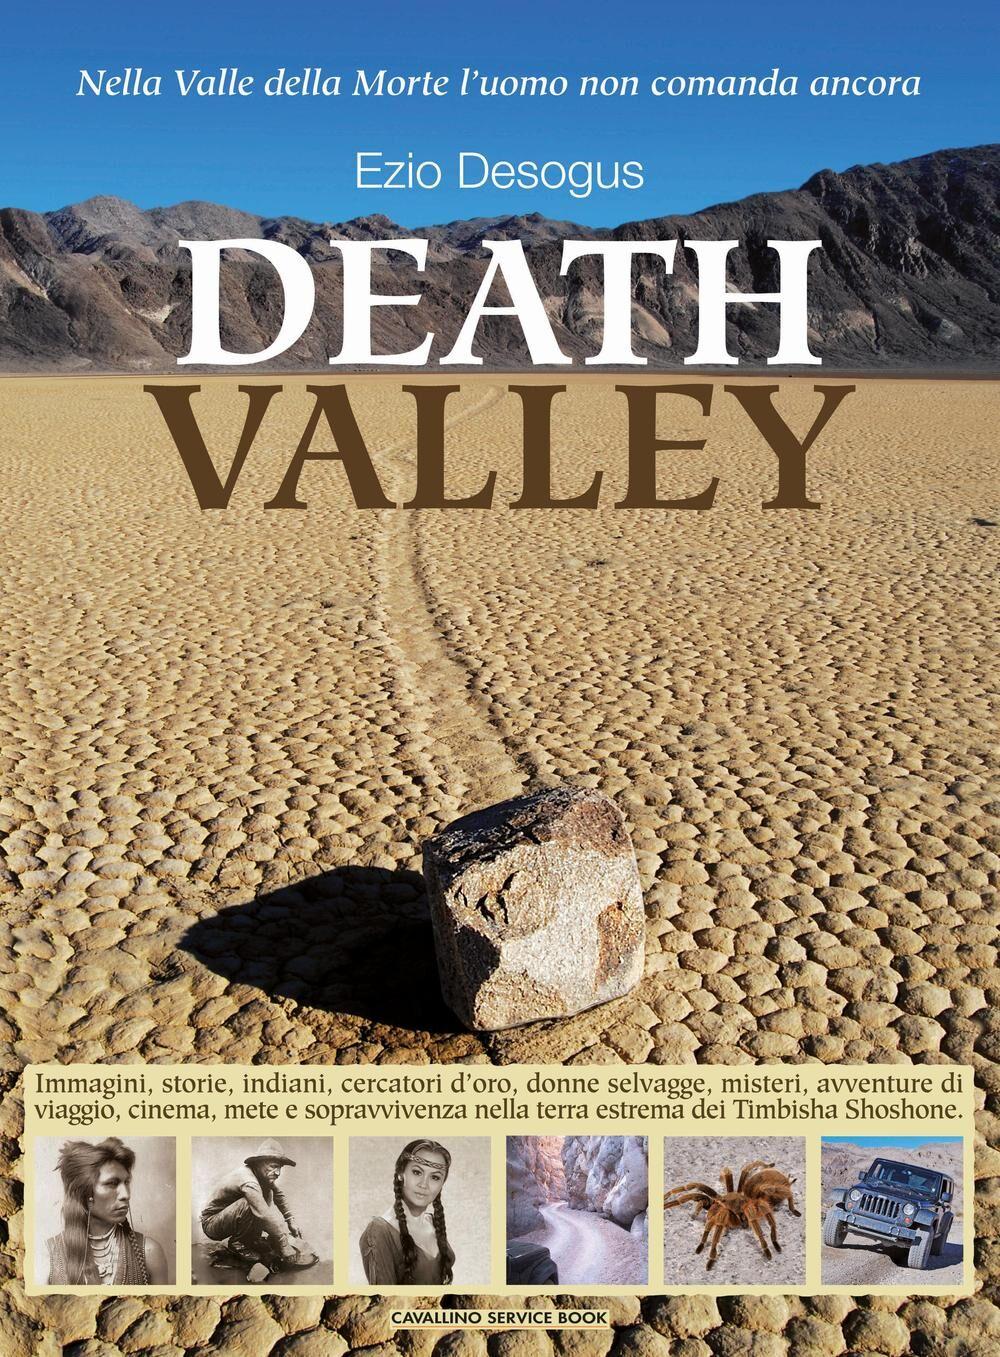 Death valley. Immagini, storie, indiani, cercatori d'oro... misteri, avventure di viaggio, cinema, mete e sopravvivenza nella terra estrema dei Timbisha Shoshone